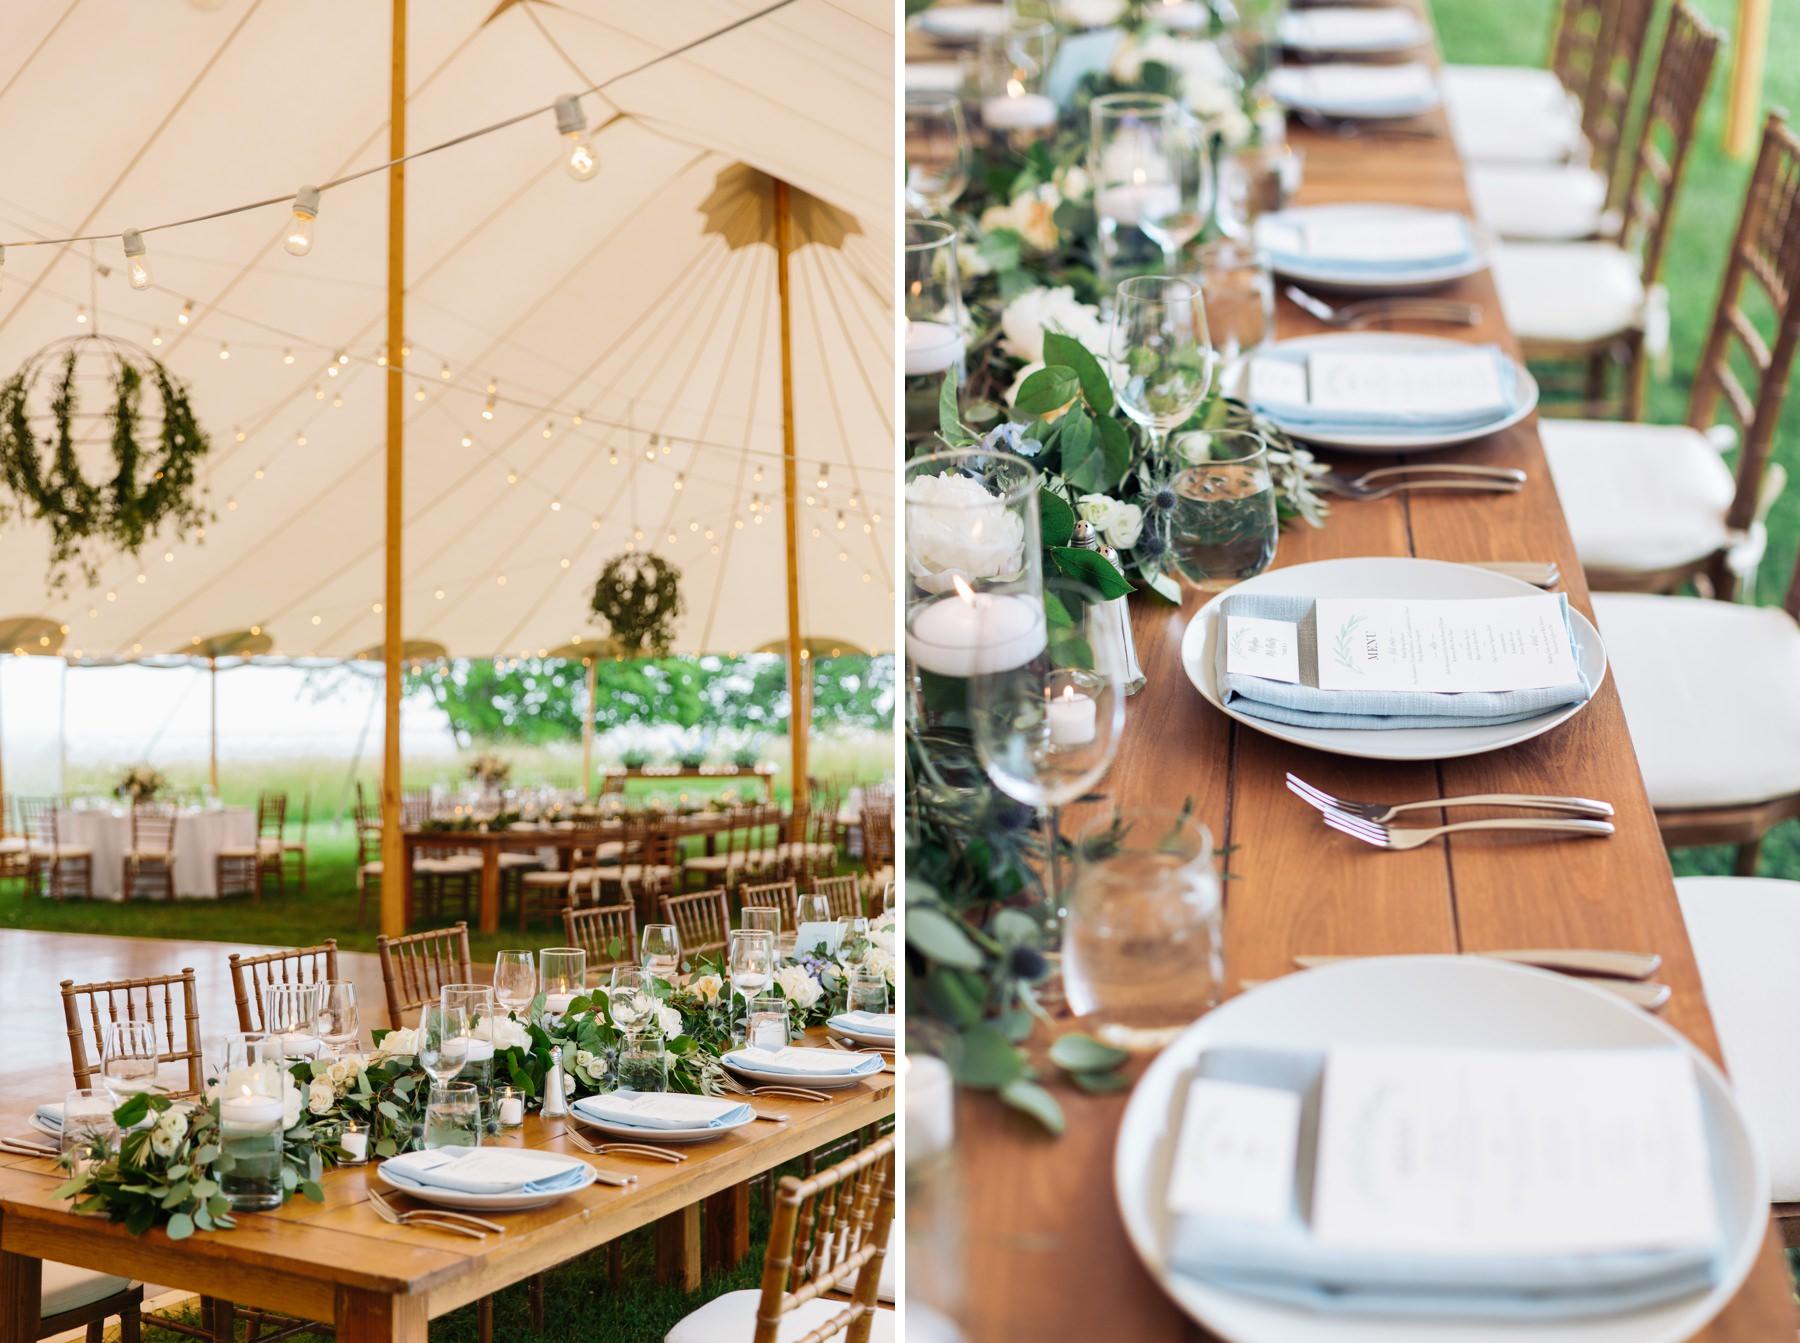 tented farm wedding reception decor